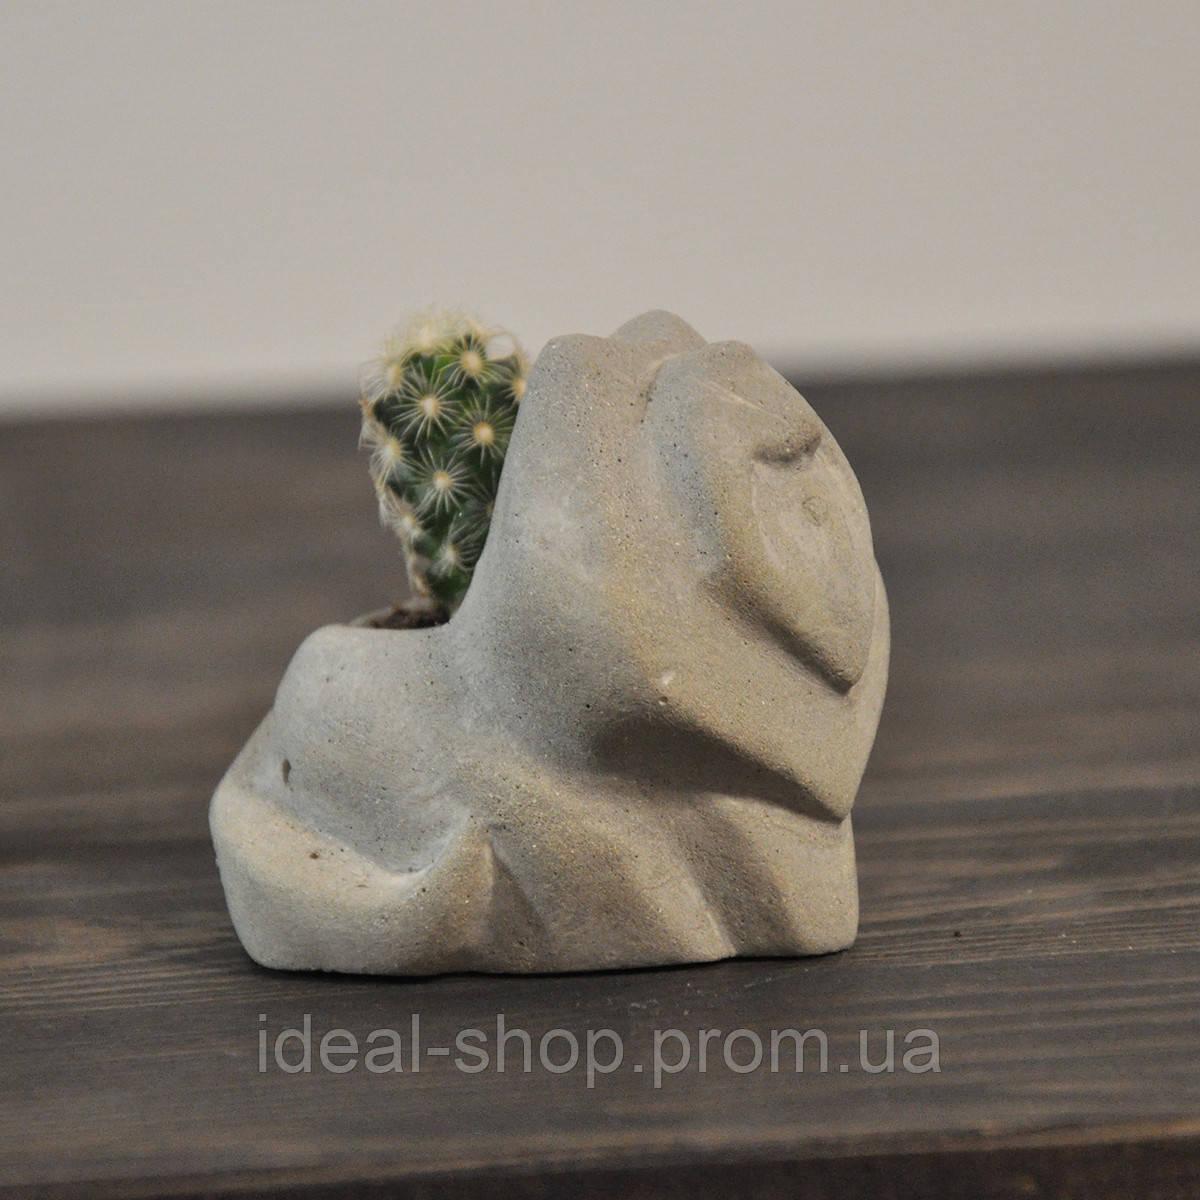 Бетонная ваза «Лисичка» mini